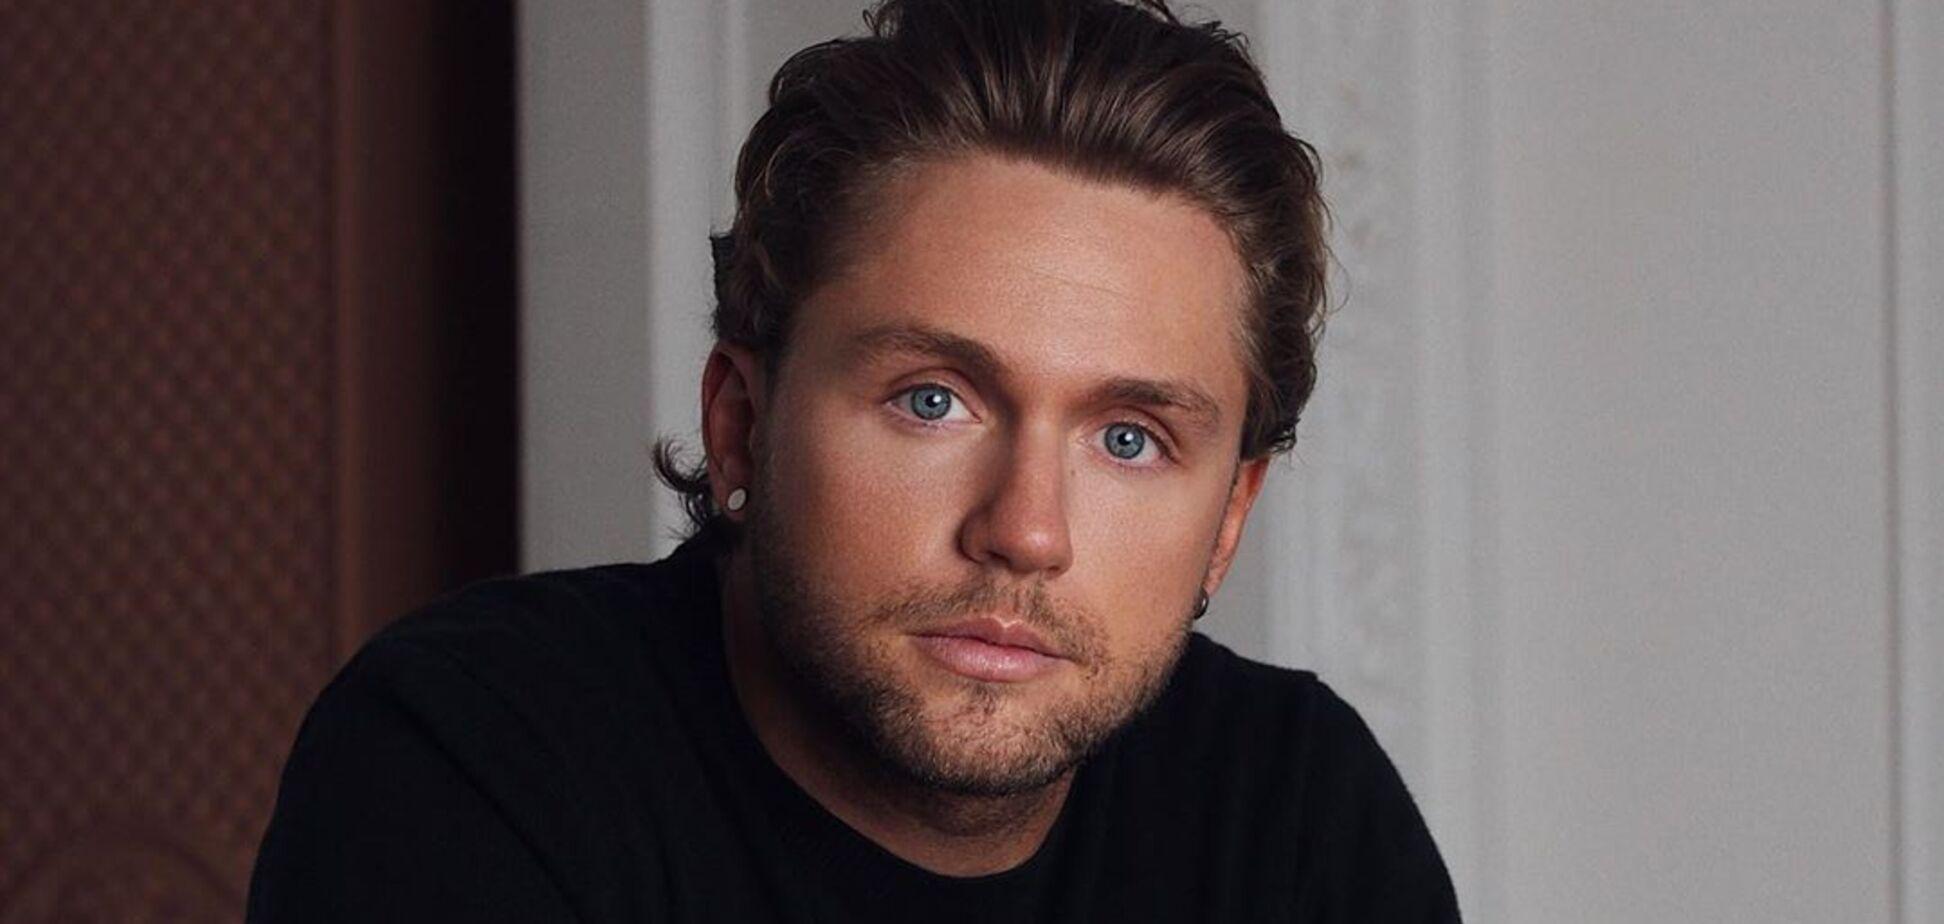 Влад Соколовский заразился коронавирусом: певец рассказал о симптомах